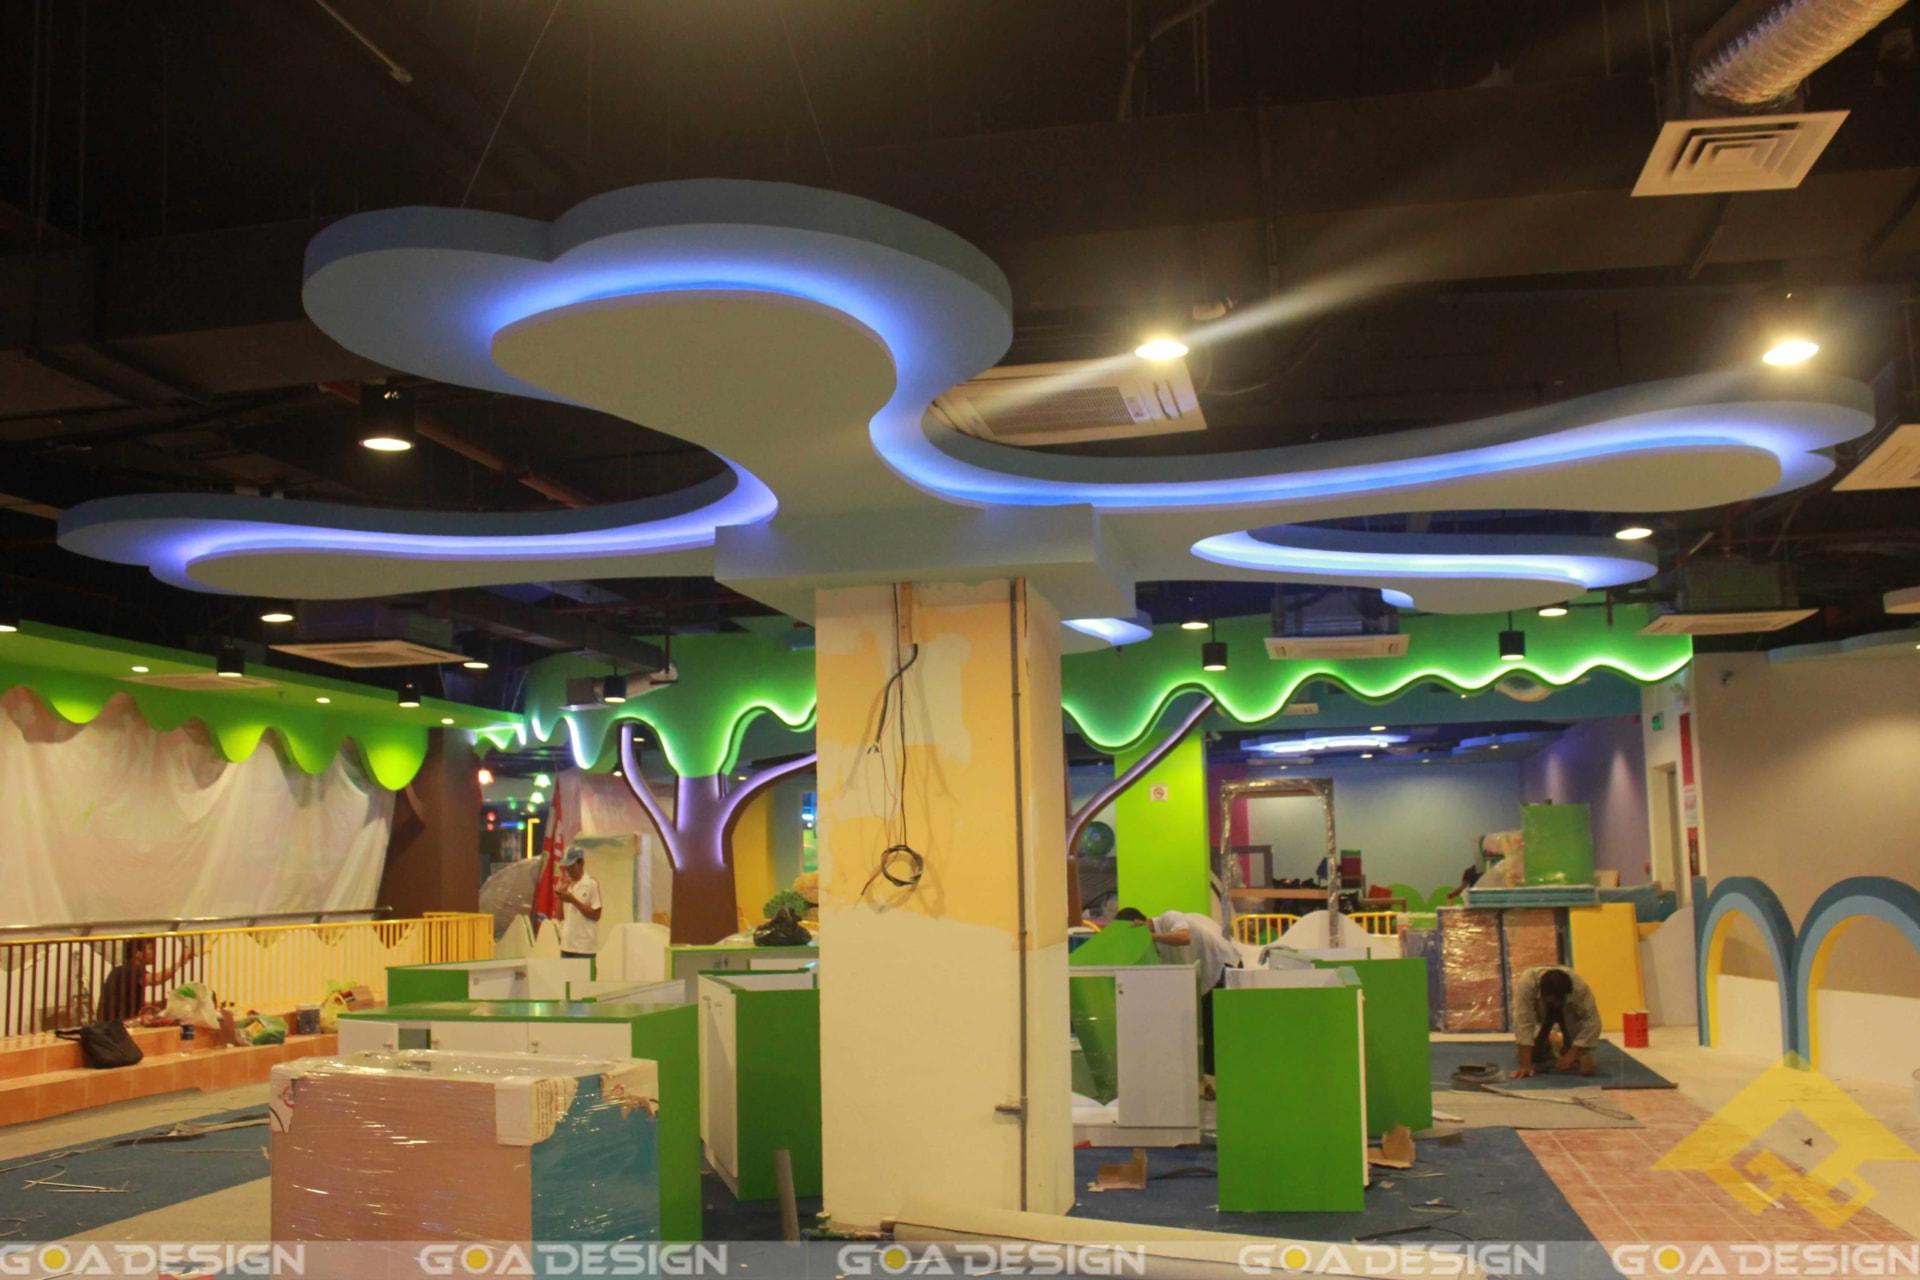 GOADESIGN Thiết kế khu vui chơi Kidzone Vũng Tàu (35)